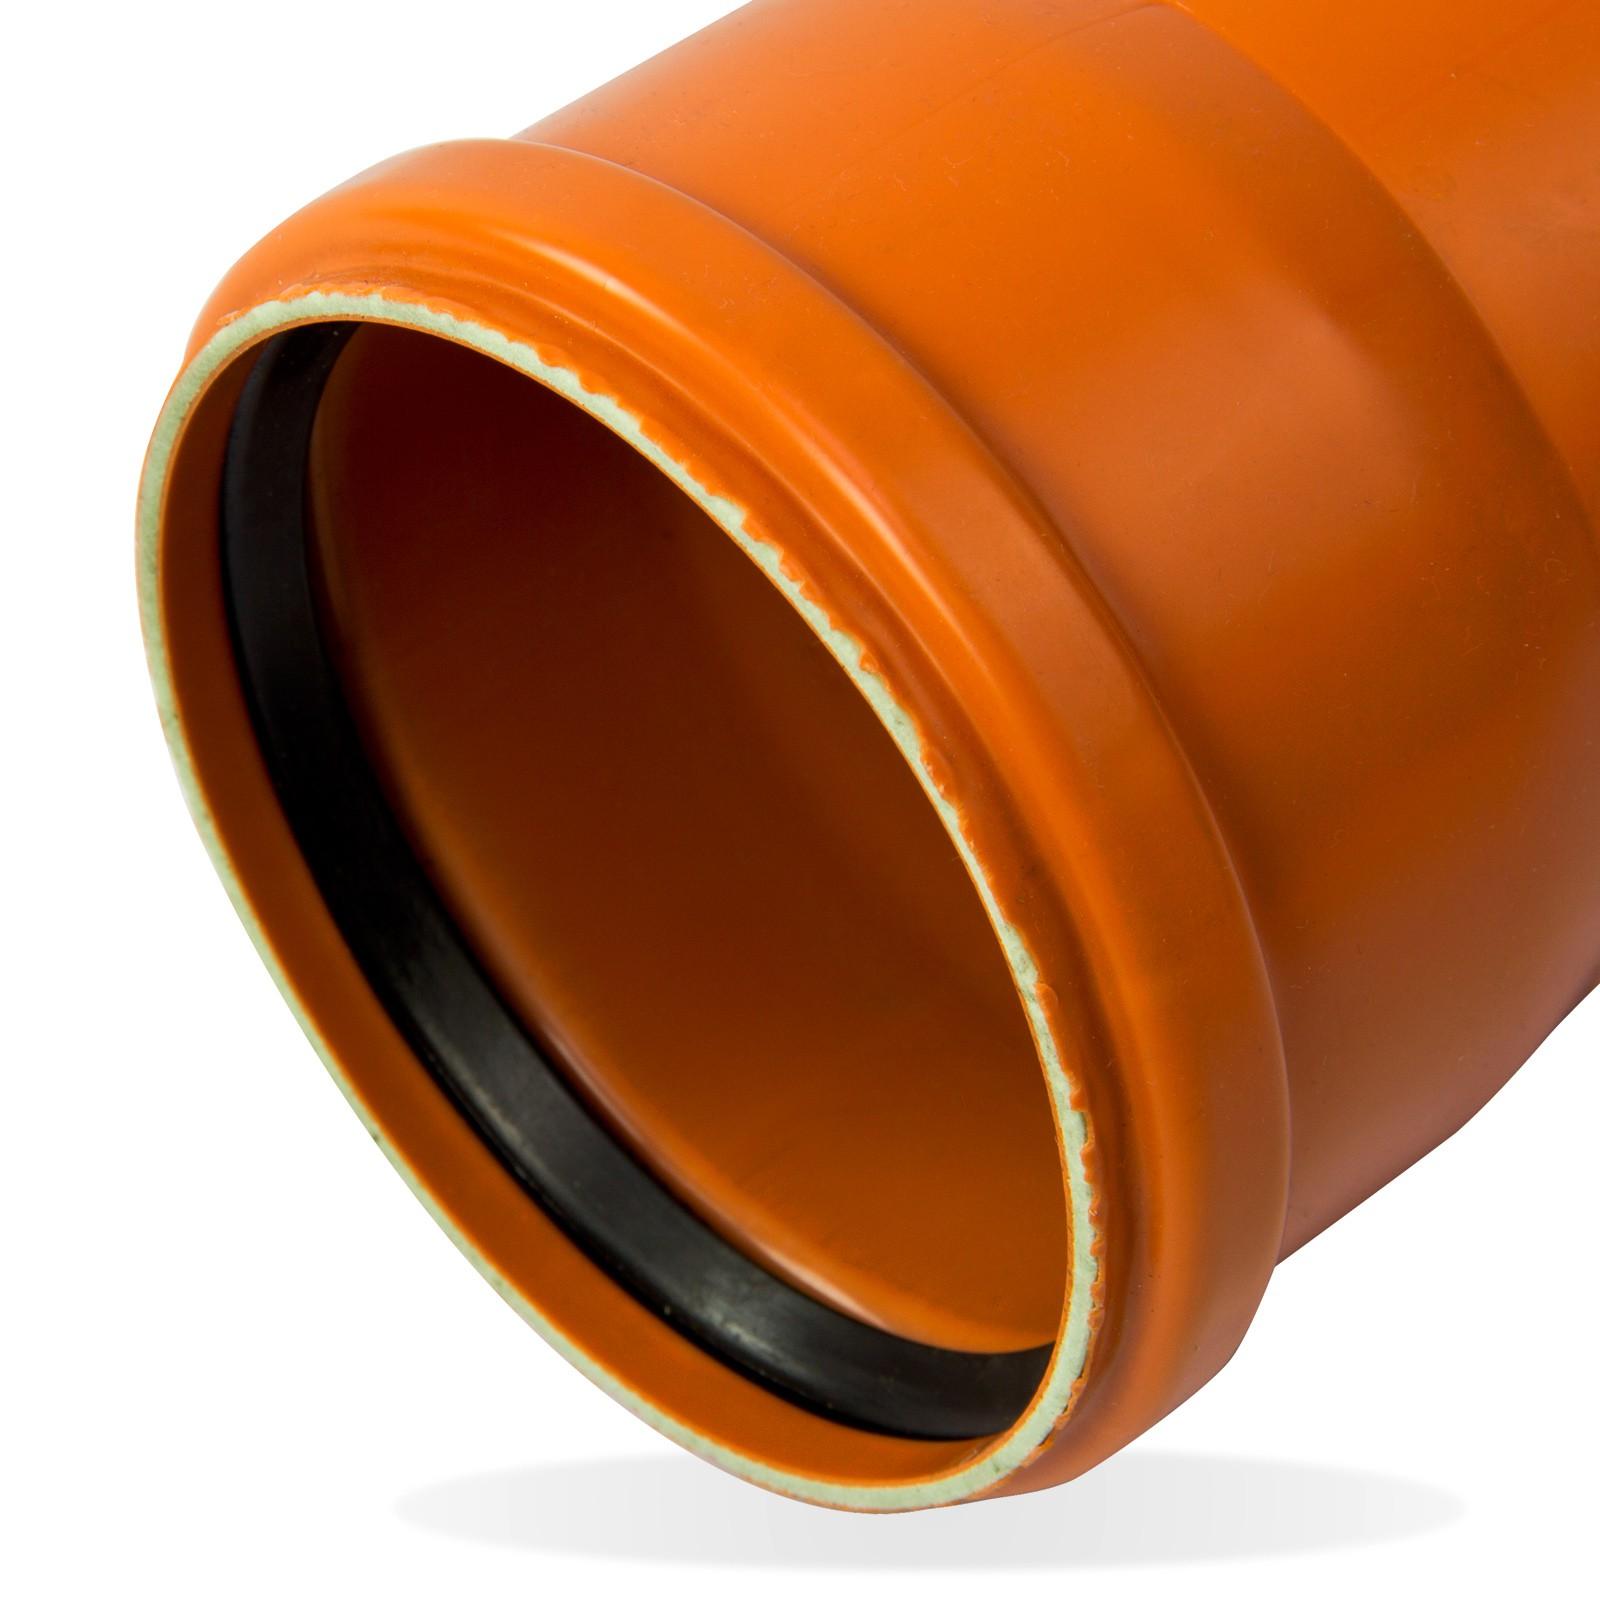 kg rohr dn mm  abwasserrohr kanalrohr orange